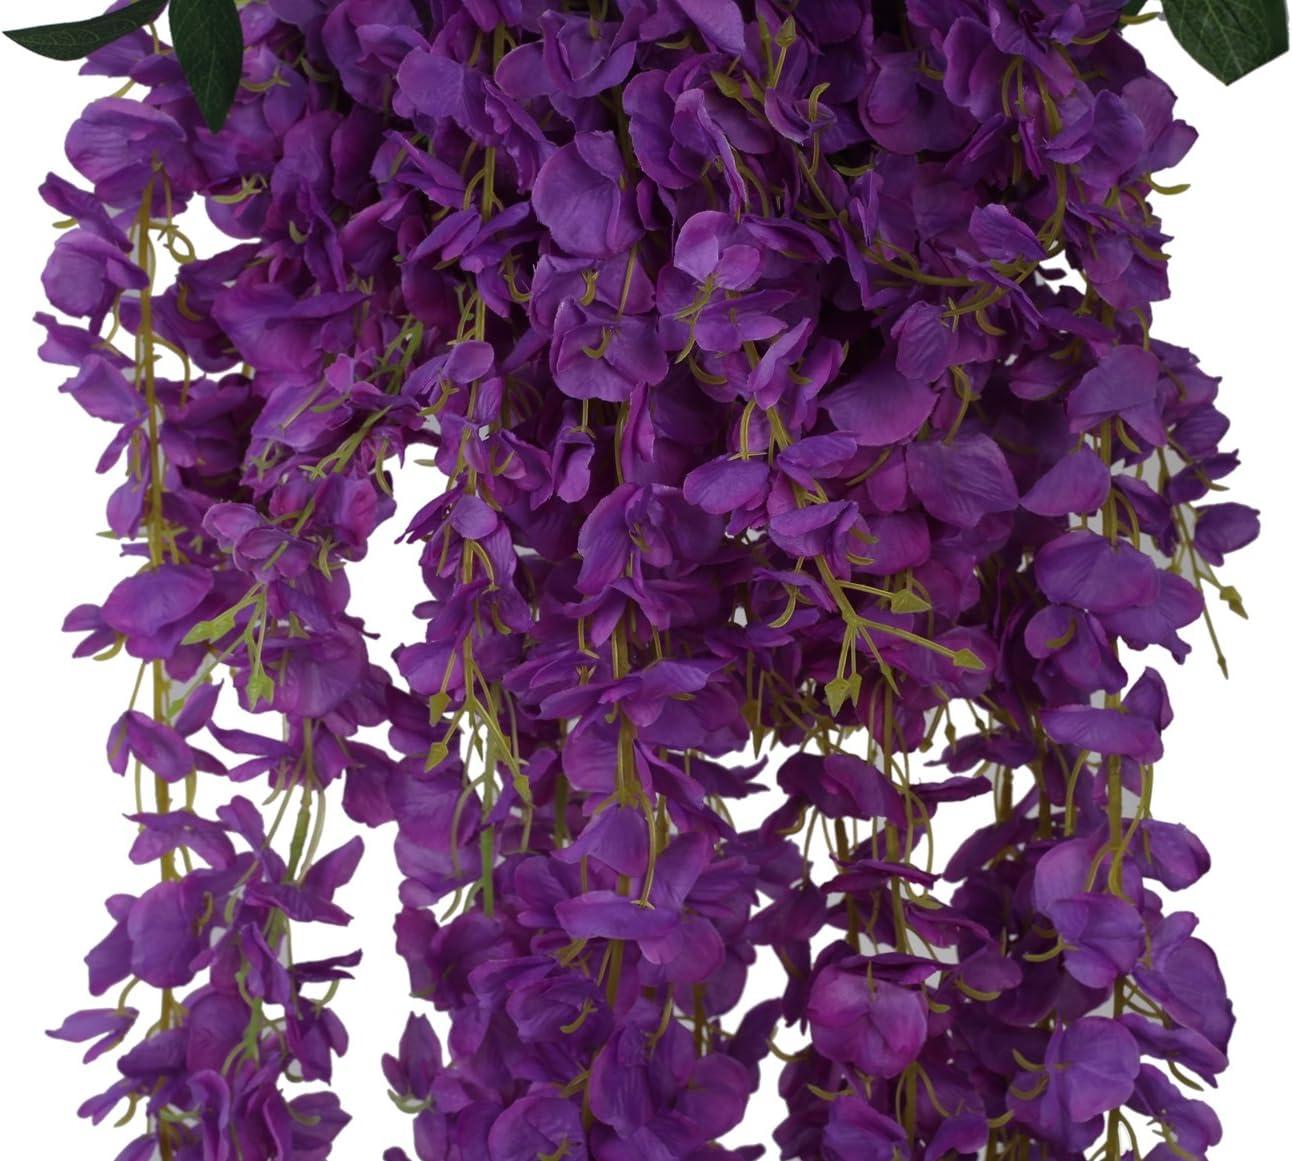 Purple 6 Pezzi Fiori Artificiali Glicine Seta Per Decorazione Floreale Giardino Soggiorno Appendere